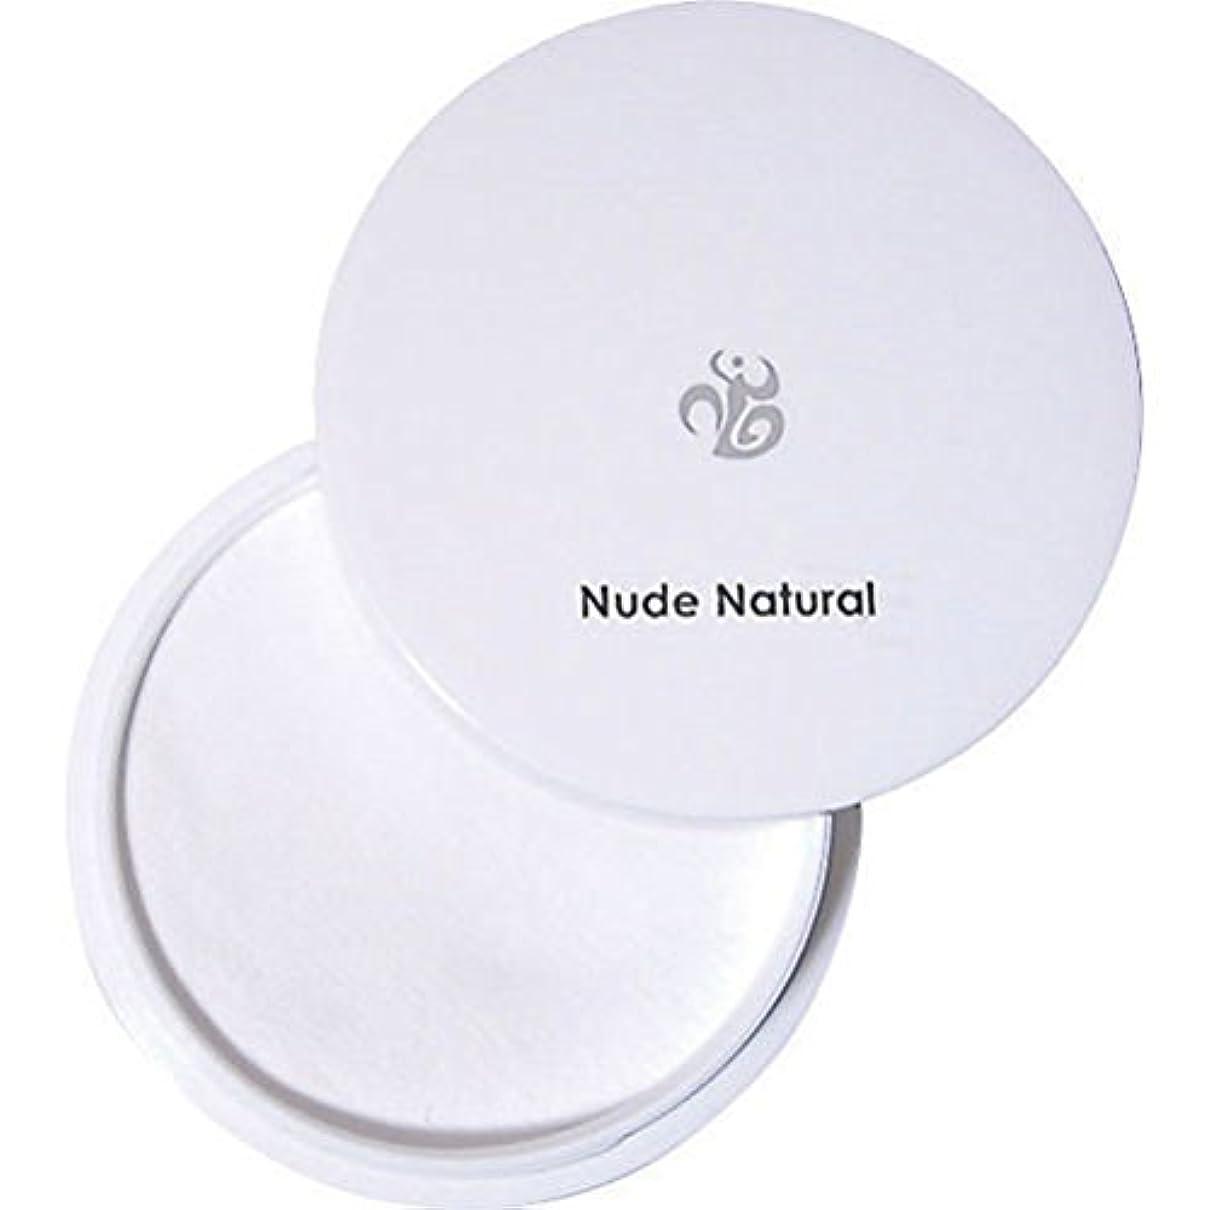 マーティンルーサーキングジュニア吸収剤締めるNail de Dance パウダー ヌードナチュラル 100g アクリル材